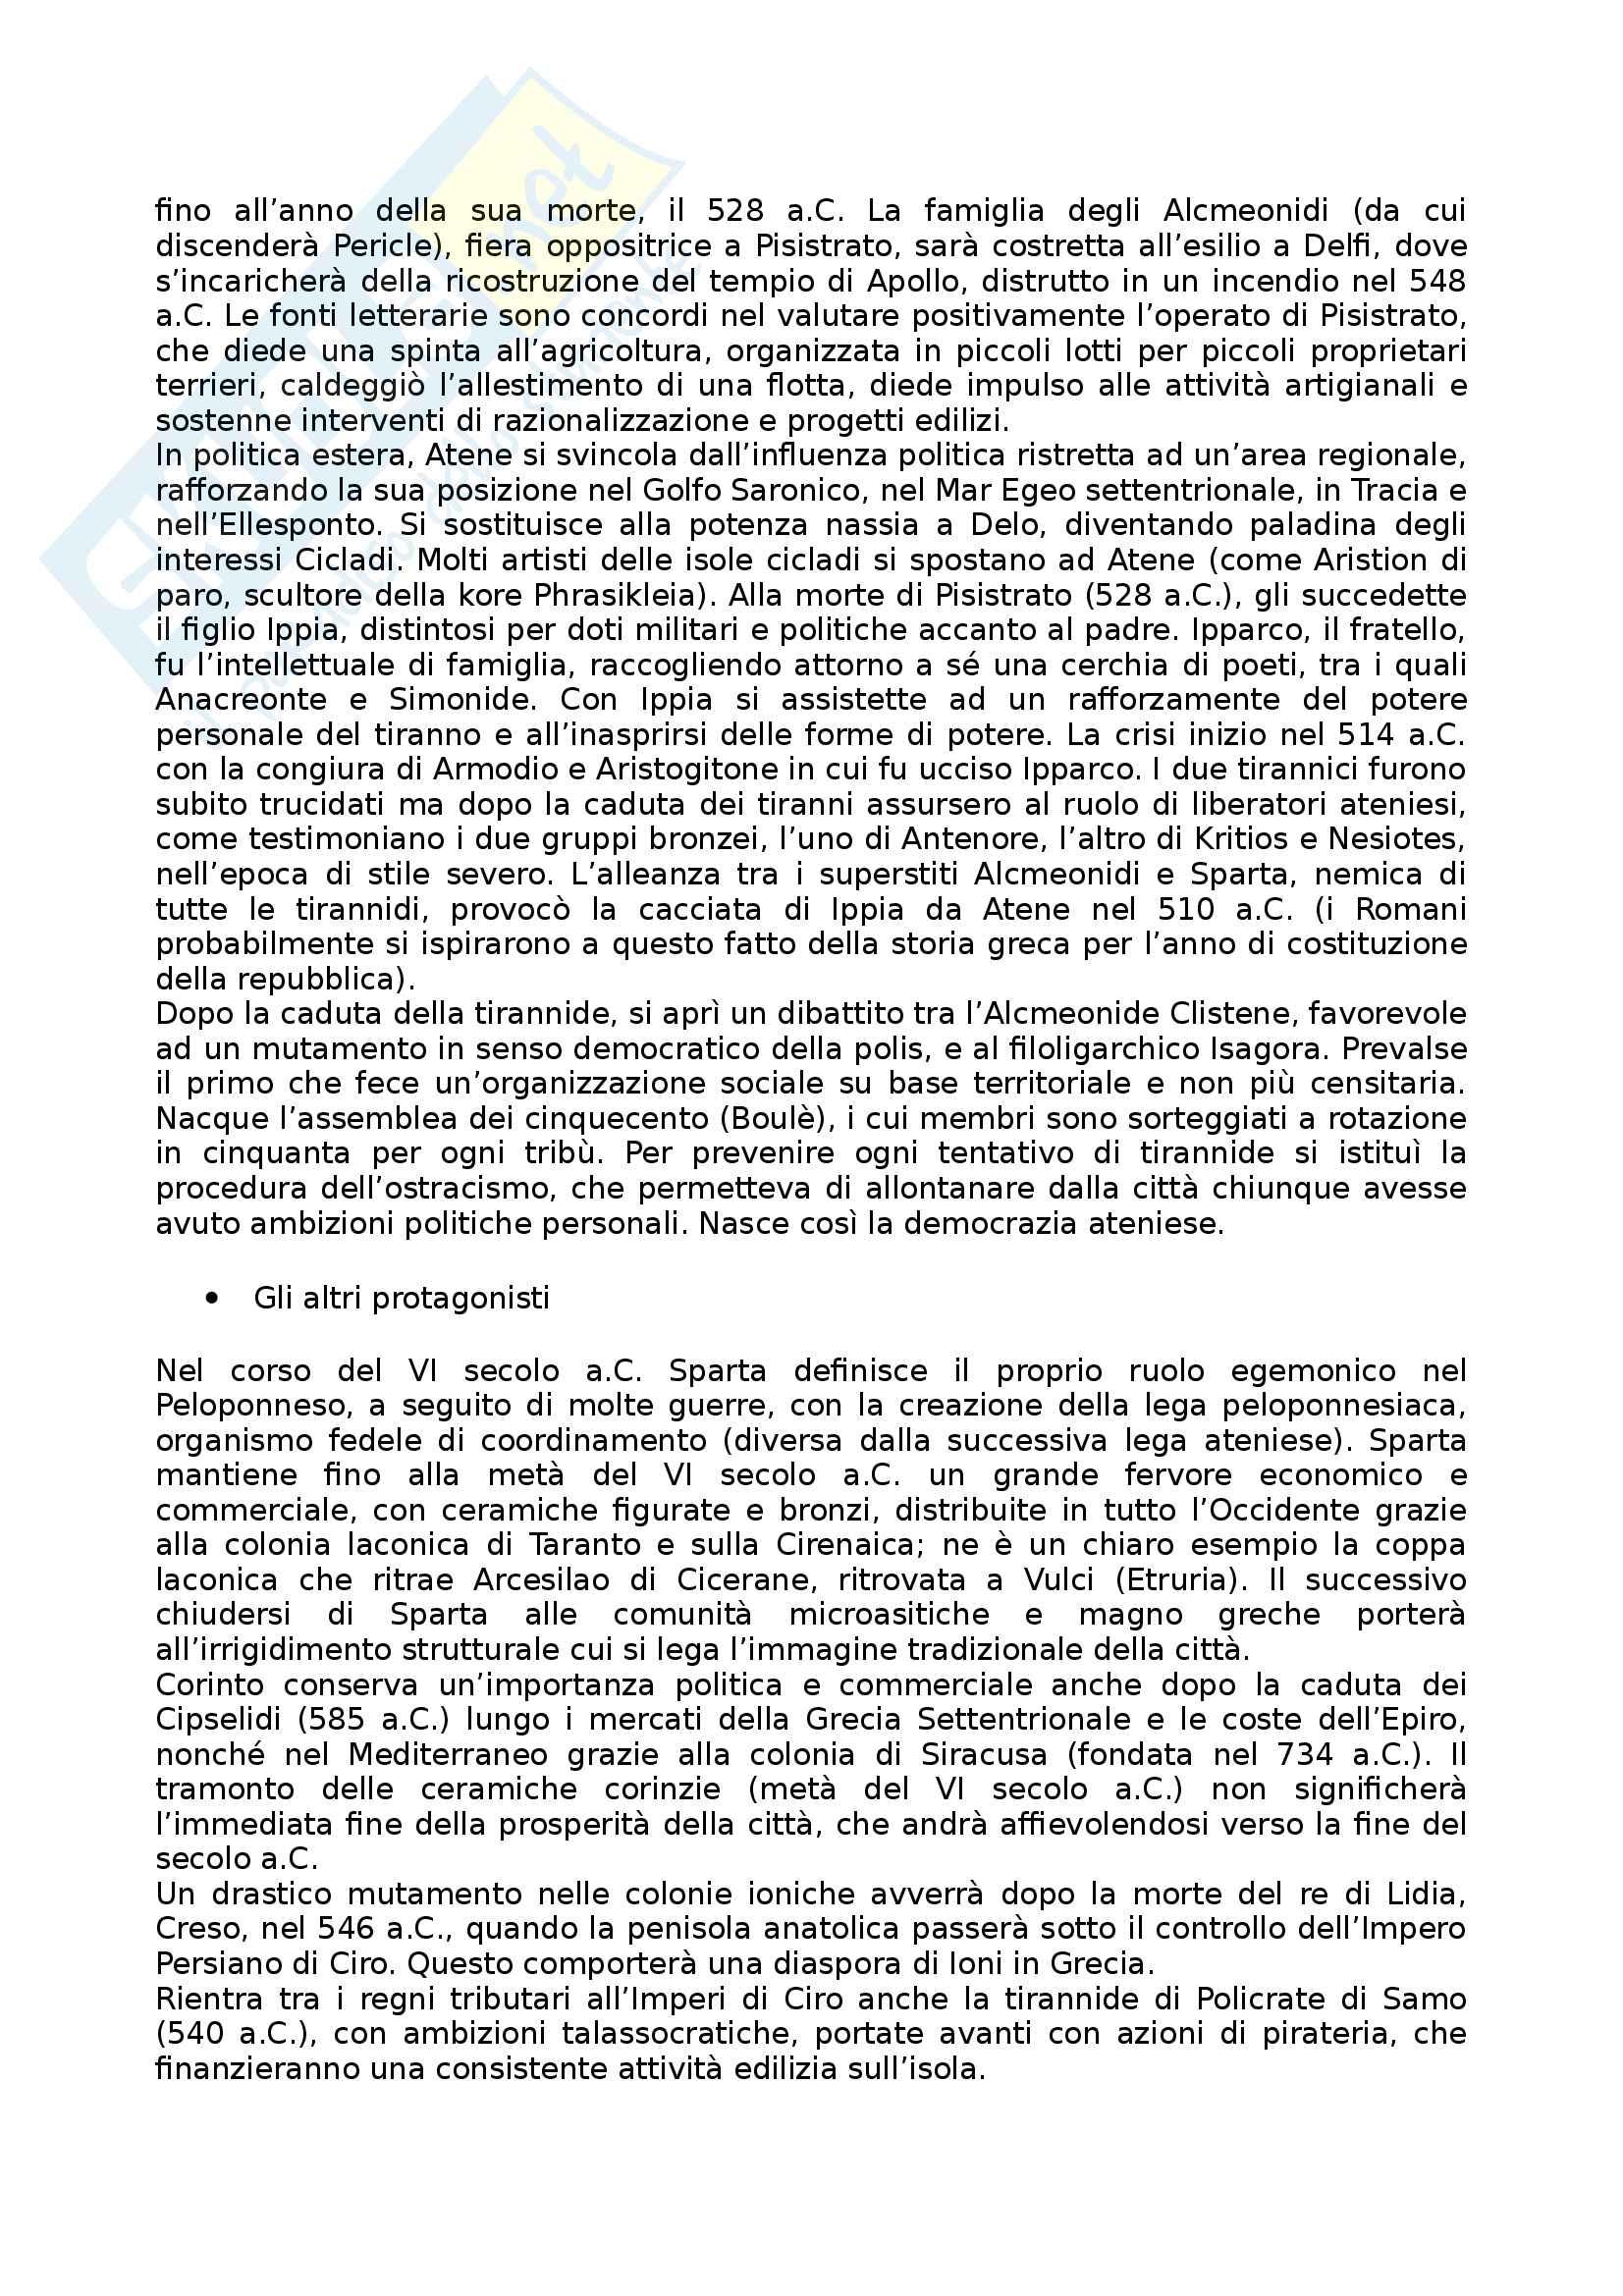 Riassunto esame Arte e Archeologia Greca, prof. Bejor, libro consigliato Arte Greca: Dal decimo al primo secolo a.C di Bejor, Castoldi e Lambrugo Pag. 16